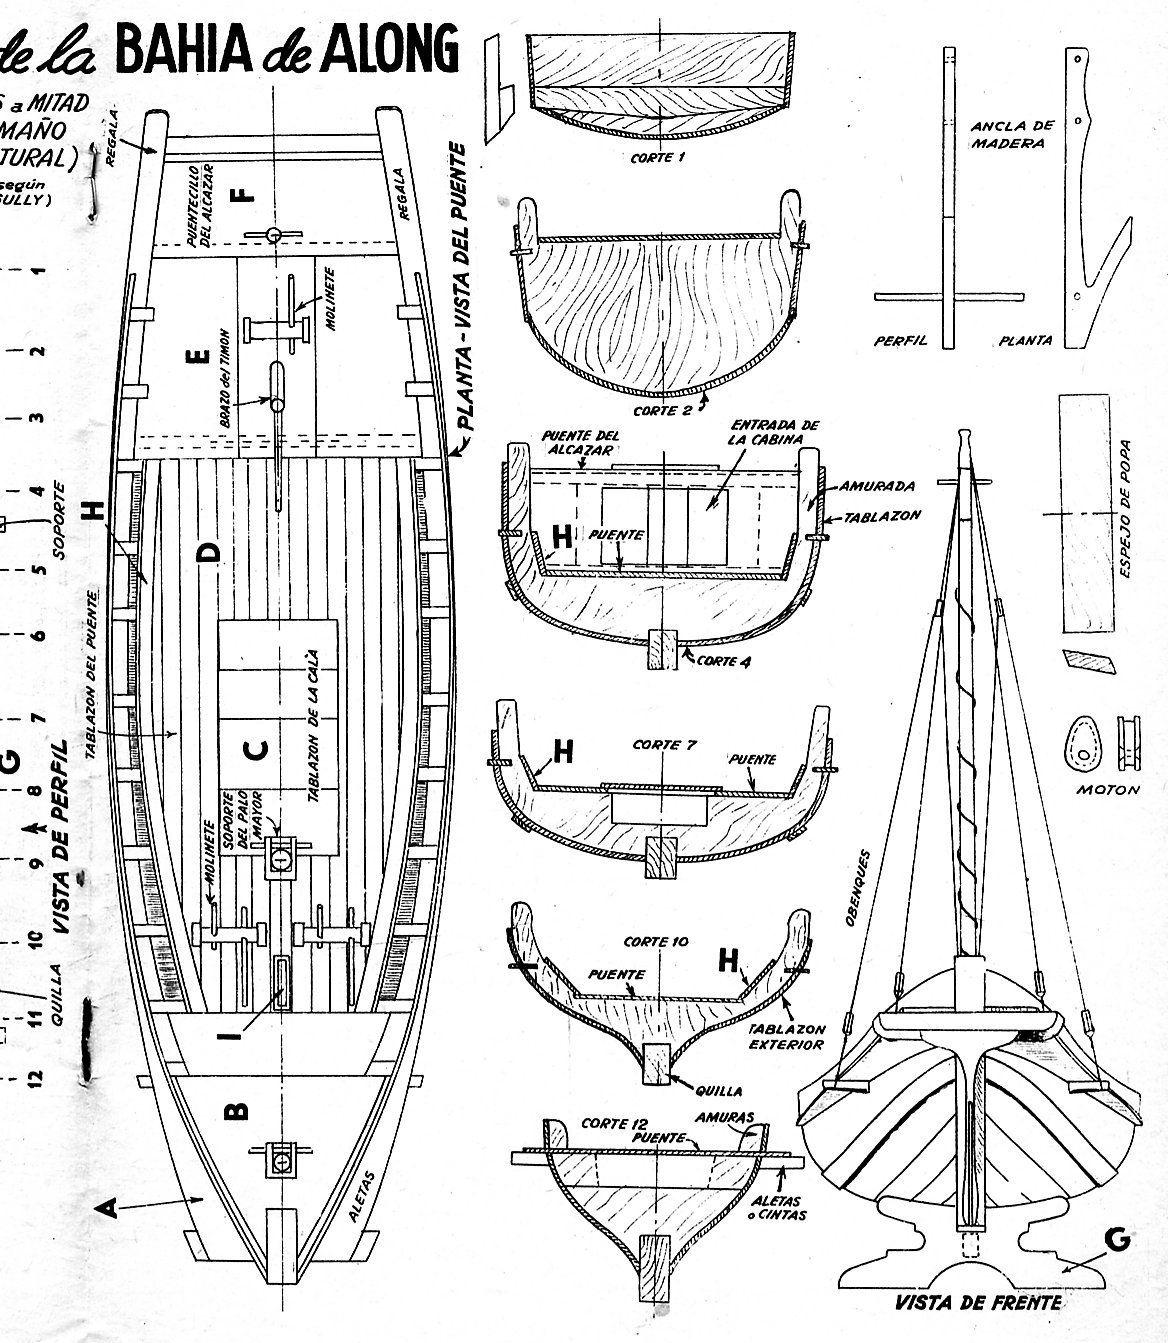 Barco modelismo madera buscar con google barcos for Planos gratis